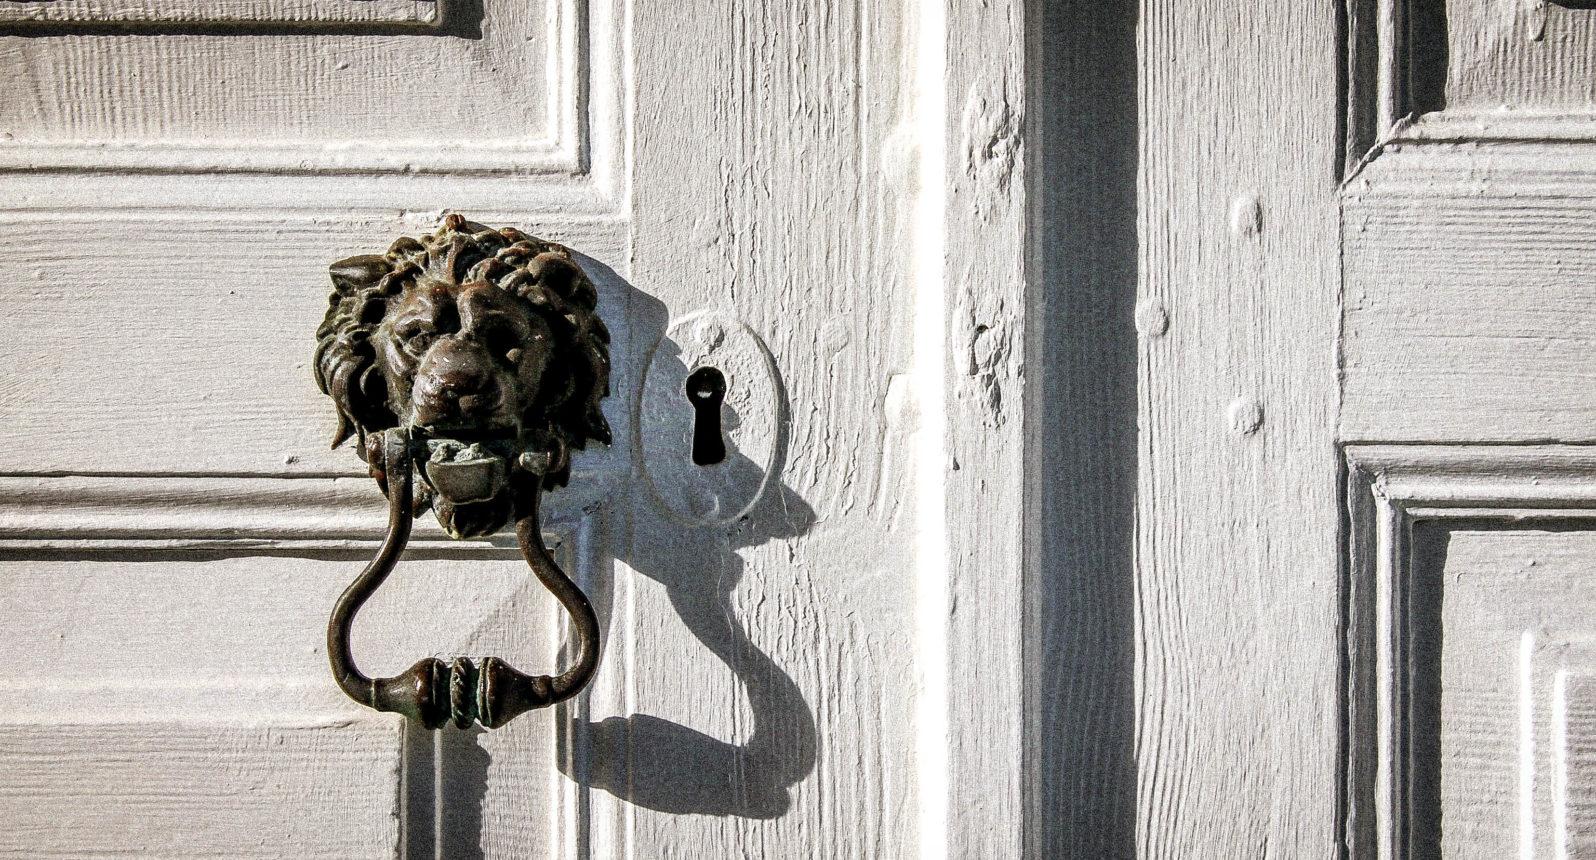 Tür auf einem schwedischen Bauernhof in Smaland